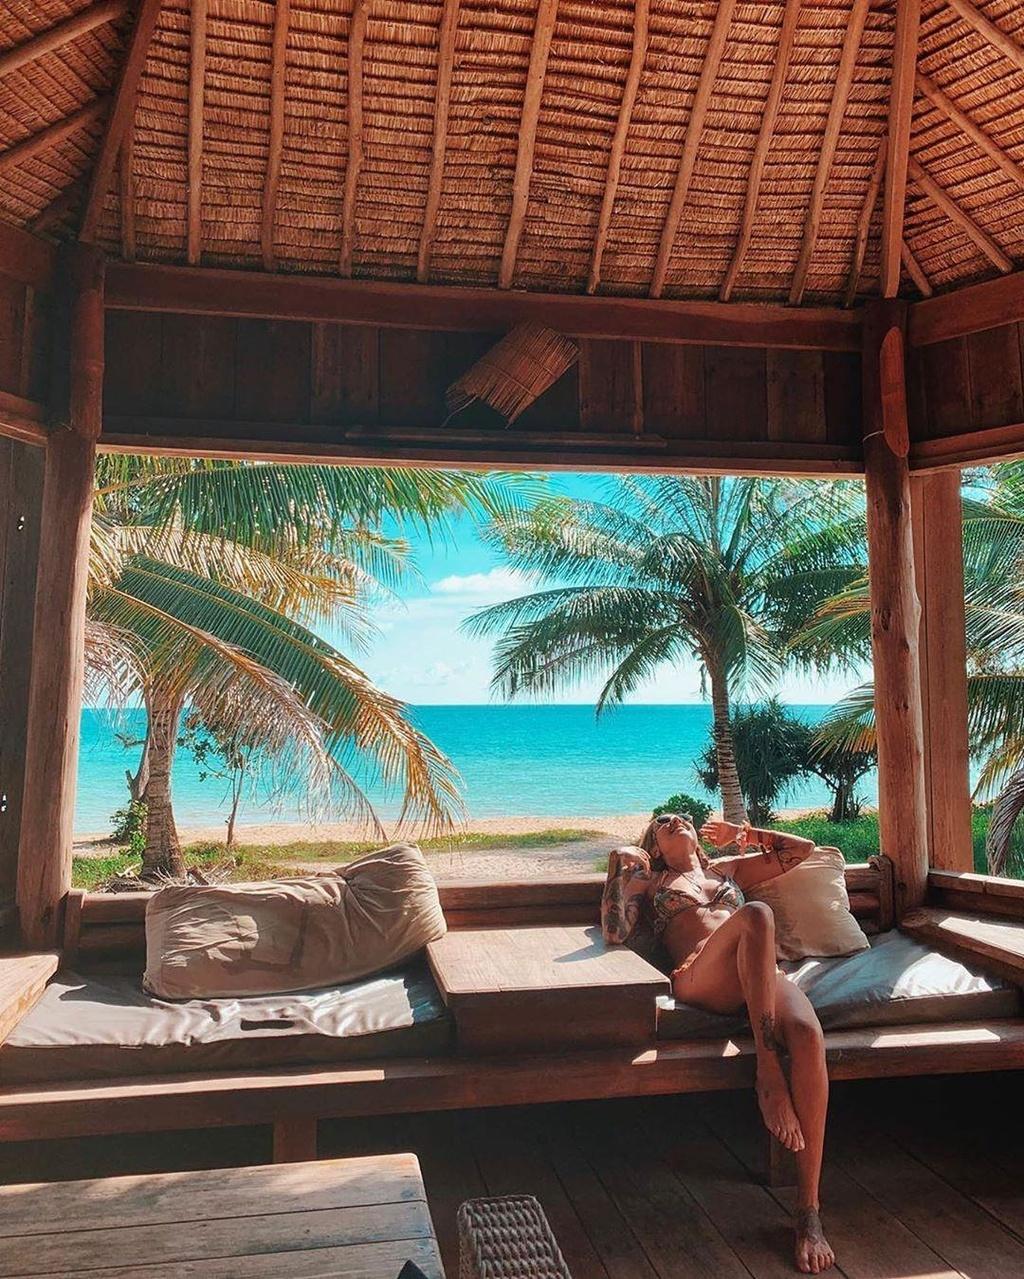 Toi Campuchia, lac loi giua thien duong bien dep ngo Maldives hinh anh 10